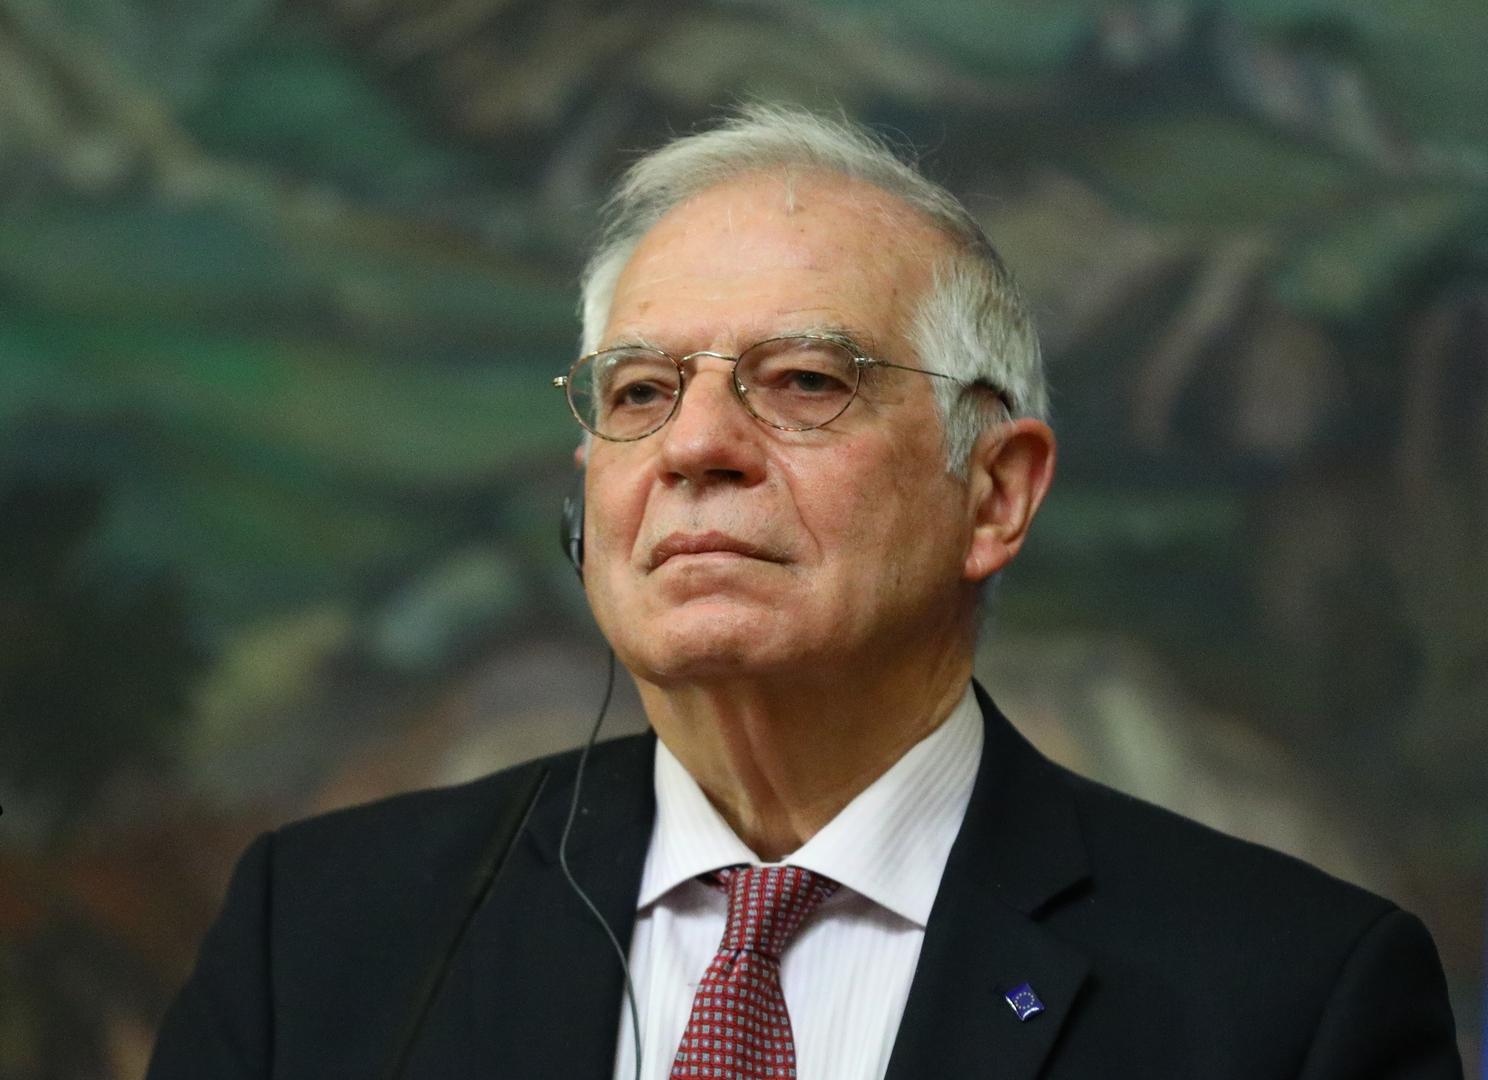 مسؤول السياسية الخارجية للاتحاد الأوروبي جوزيب بوريل